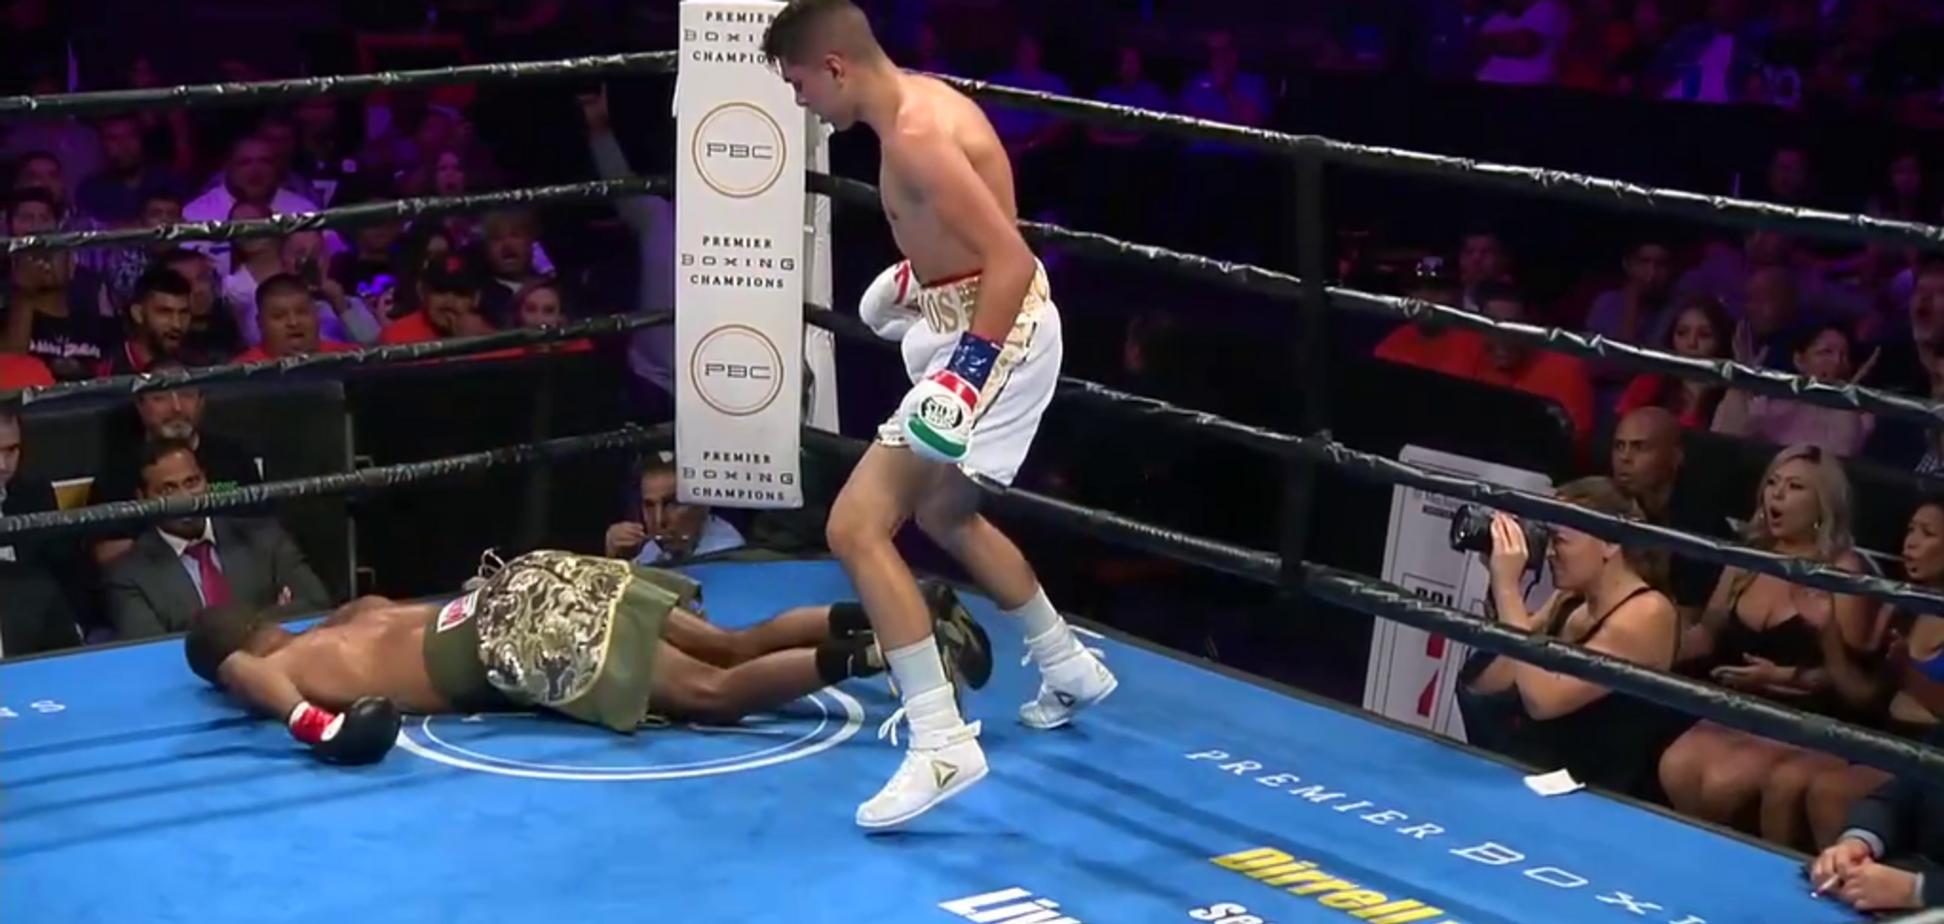 Боксер устроил понты в ринге и был жестко нокаутирован — опубликовано видео